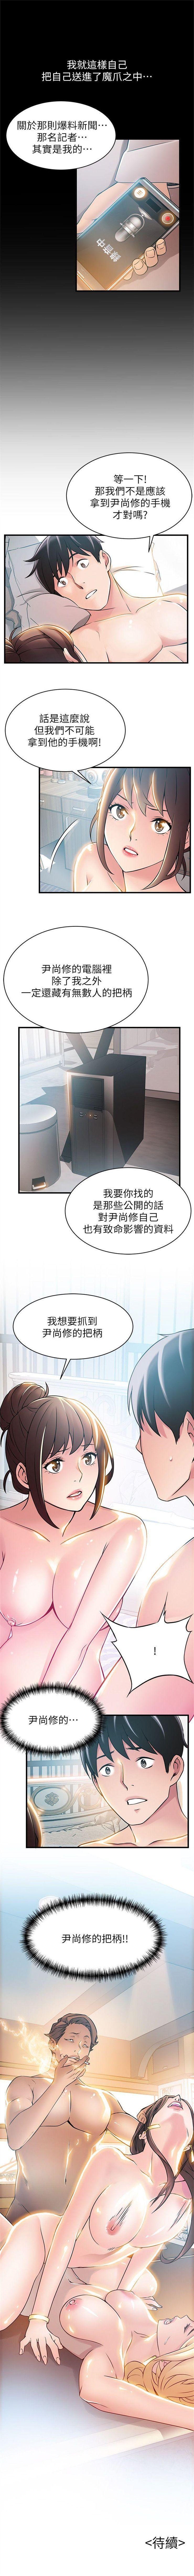 (周7)弱点 1-66 中文翻译(更新中) 139